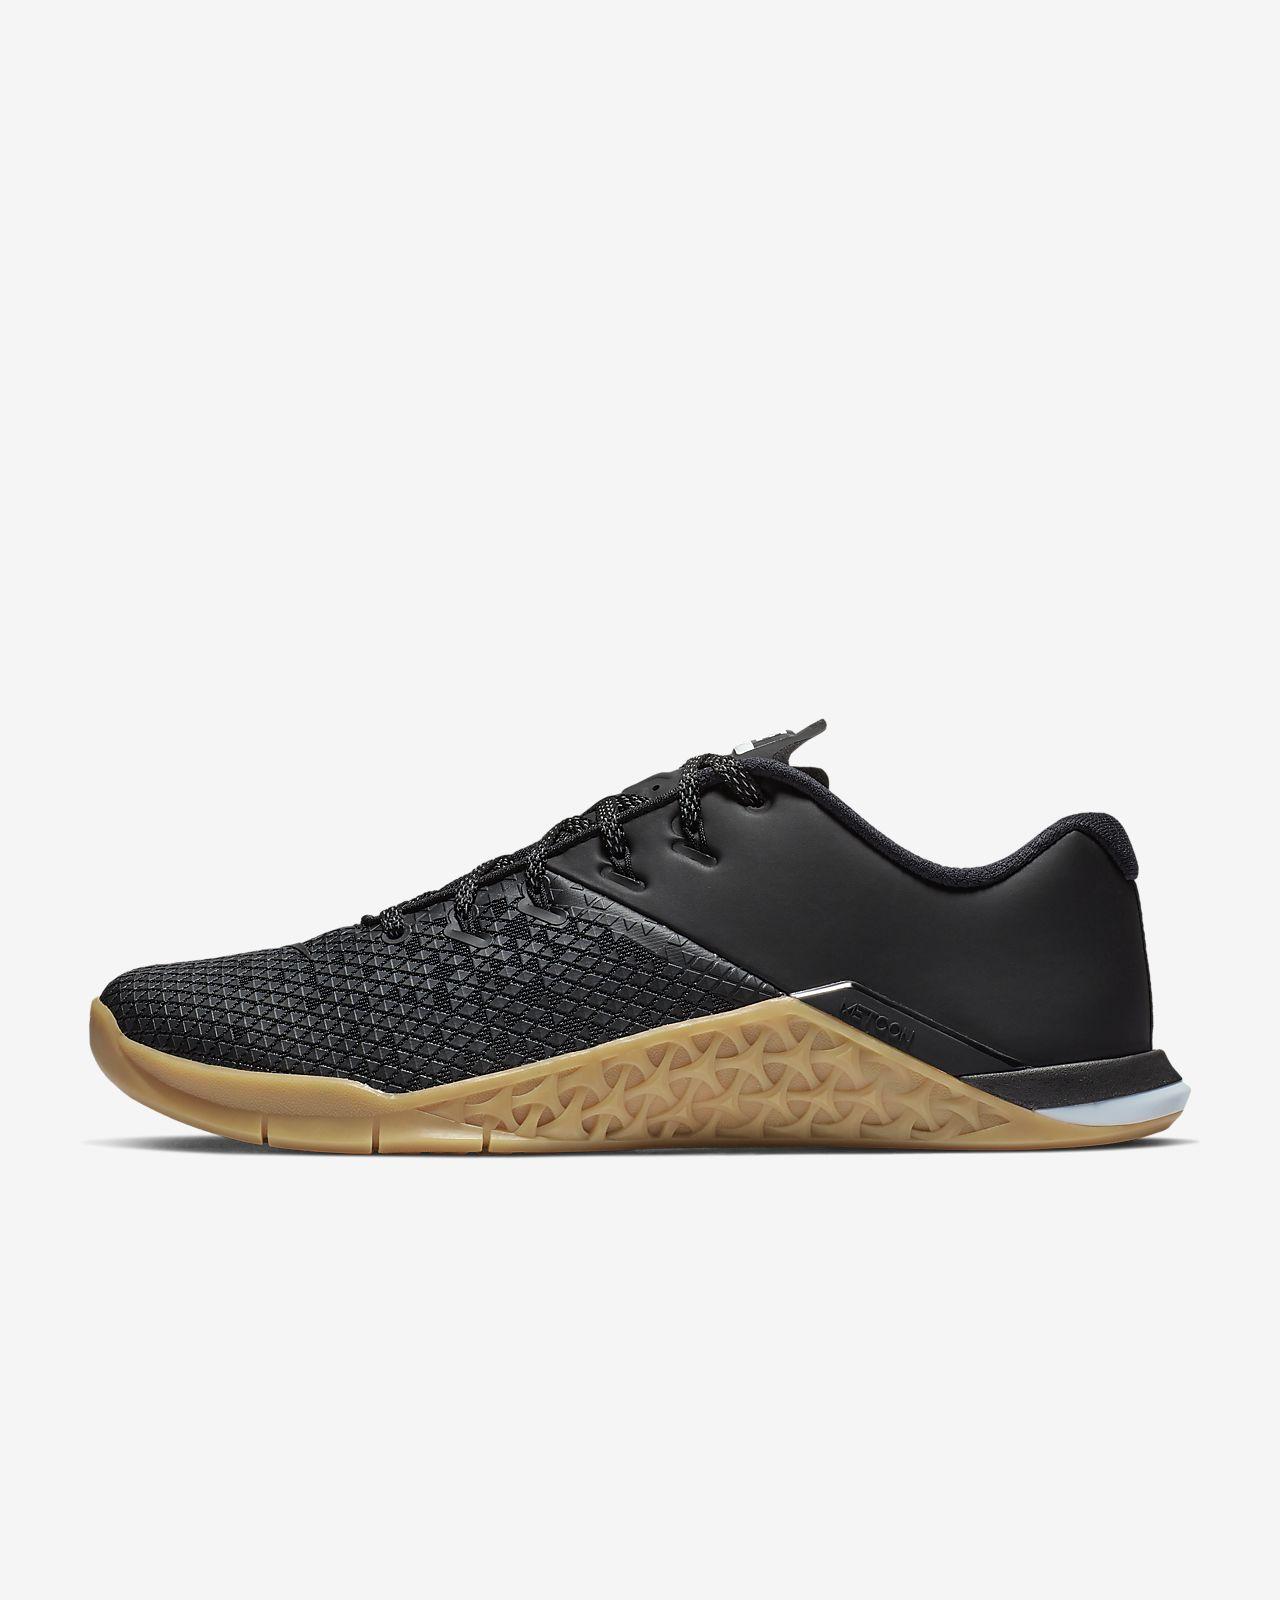 the latest 58442 6497a ... Chaussure de cross-training et de renforcement musculaire Nike Metcon 4  XD X Chalkboard pour